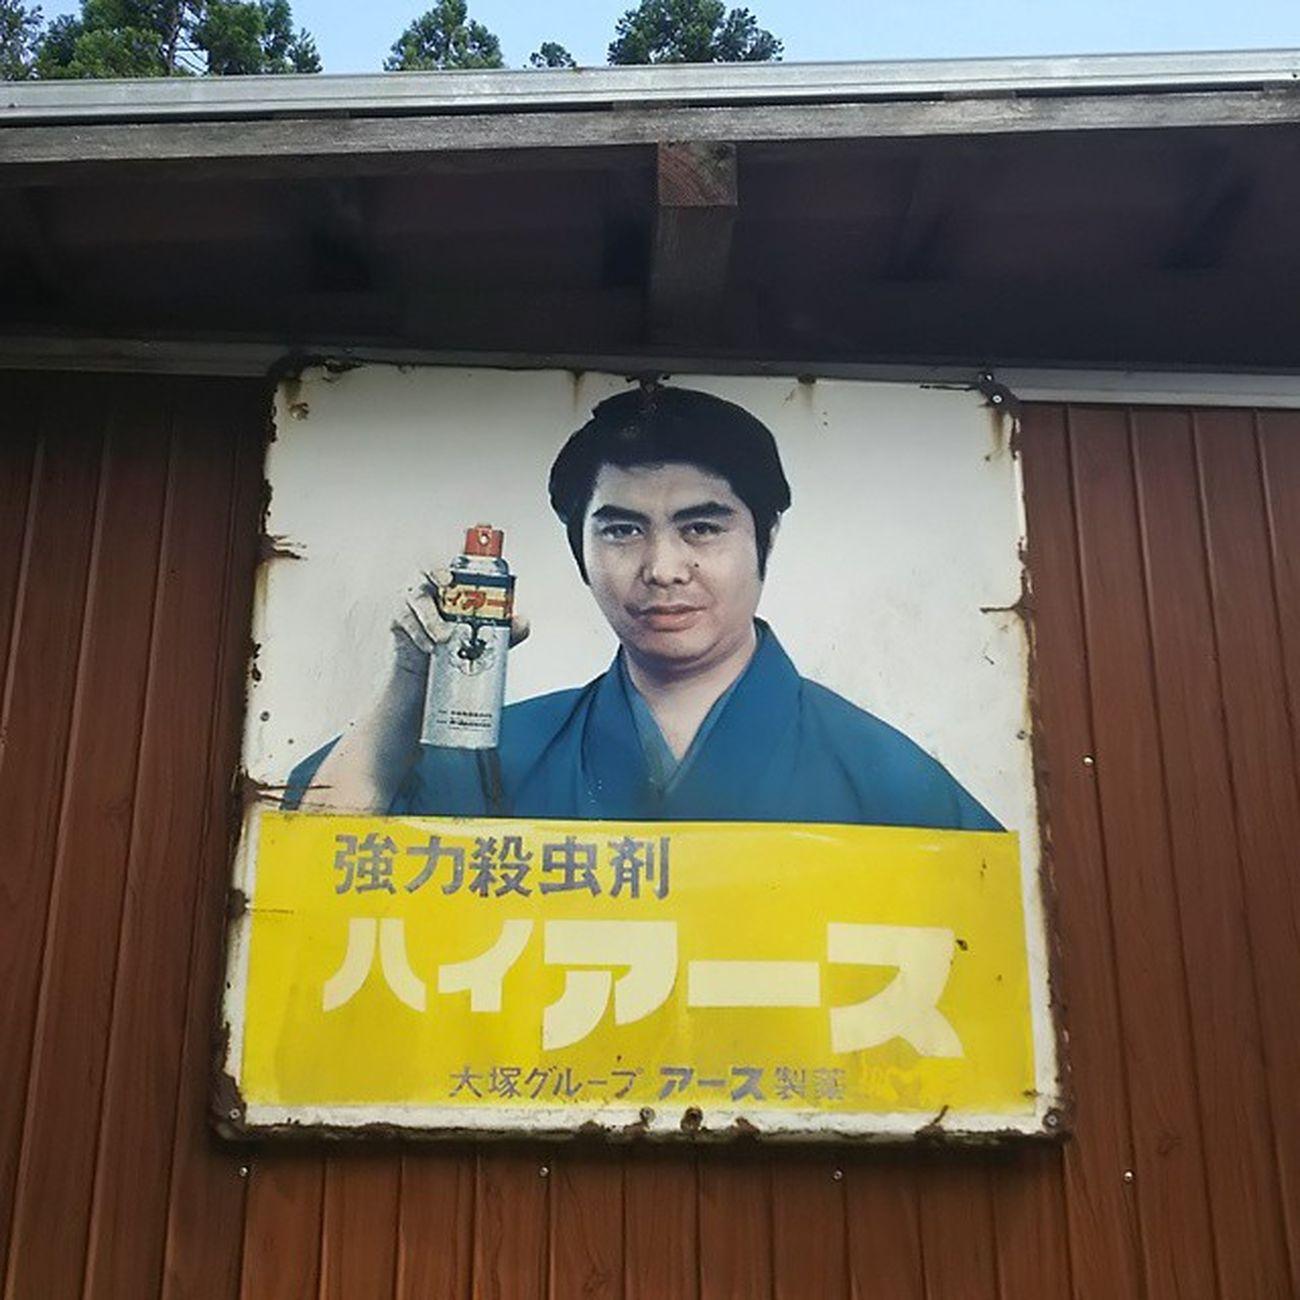 どこかで見つけた、ハイアース。 今日もおつかれさまでした。 殺虫剤 ハイアース 看板 昭和 サビ 田舎 街角 Team_jp_ Japan Instagood Icu_japan Ig_japan Ig_nihon Jp_gallery Japan_focus